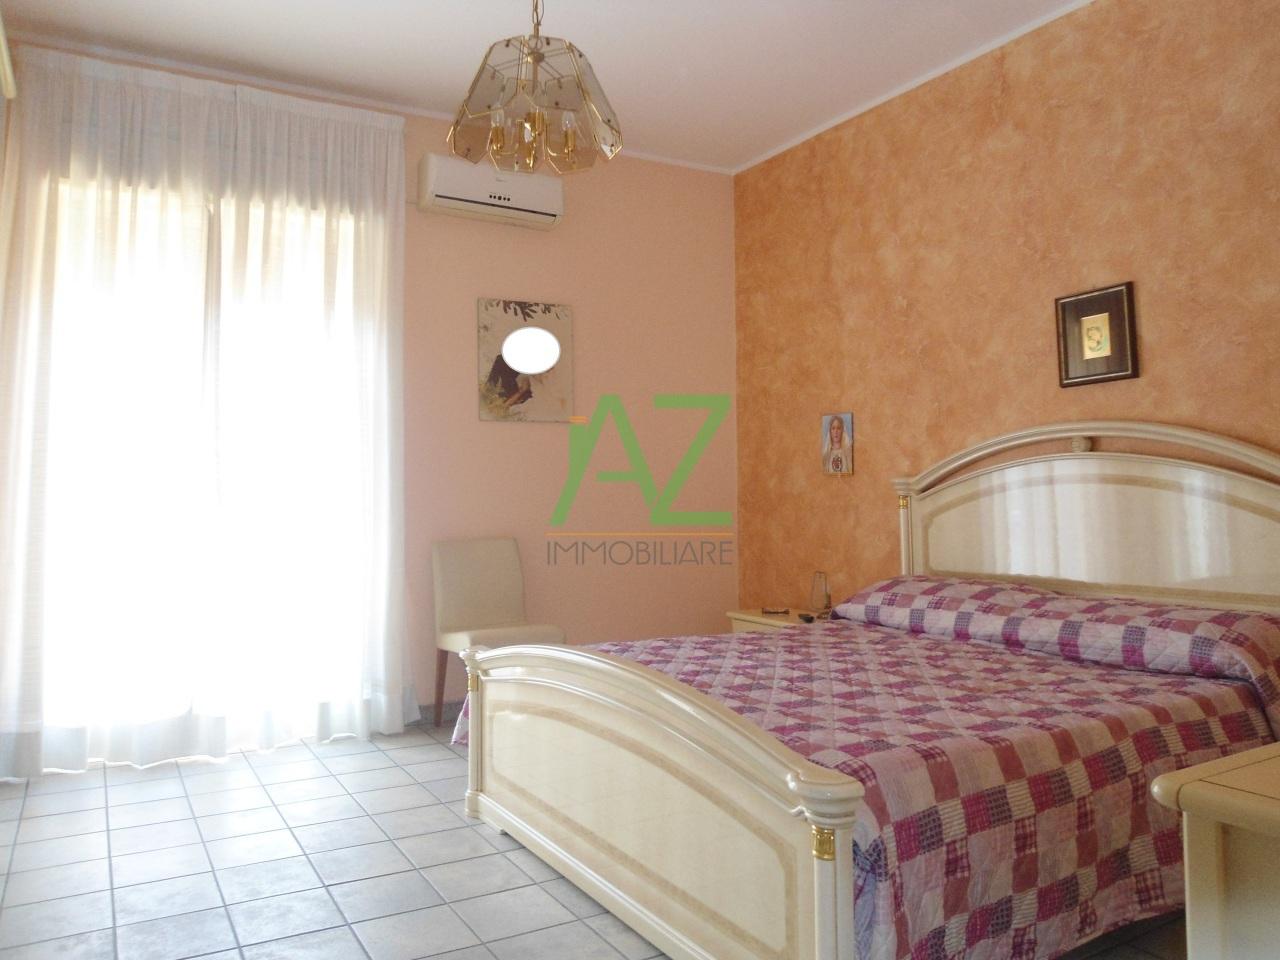 Appartamento in vendita a Aci Catena, 2 locali, prezzo € 65.000 | Cambio Casa.it